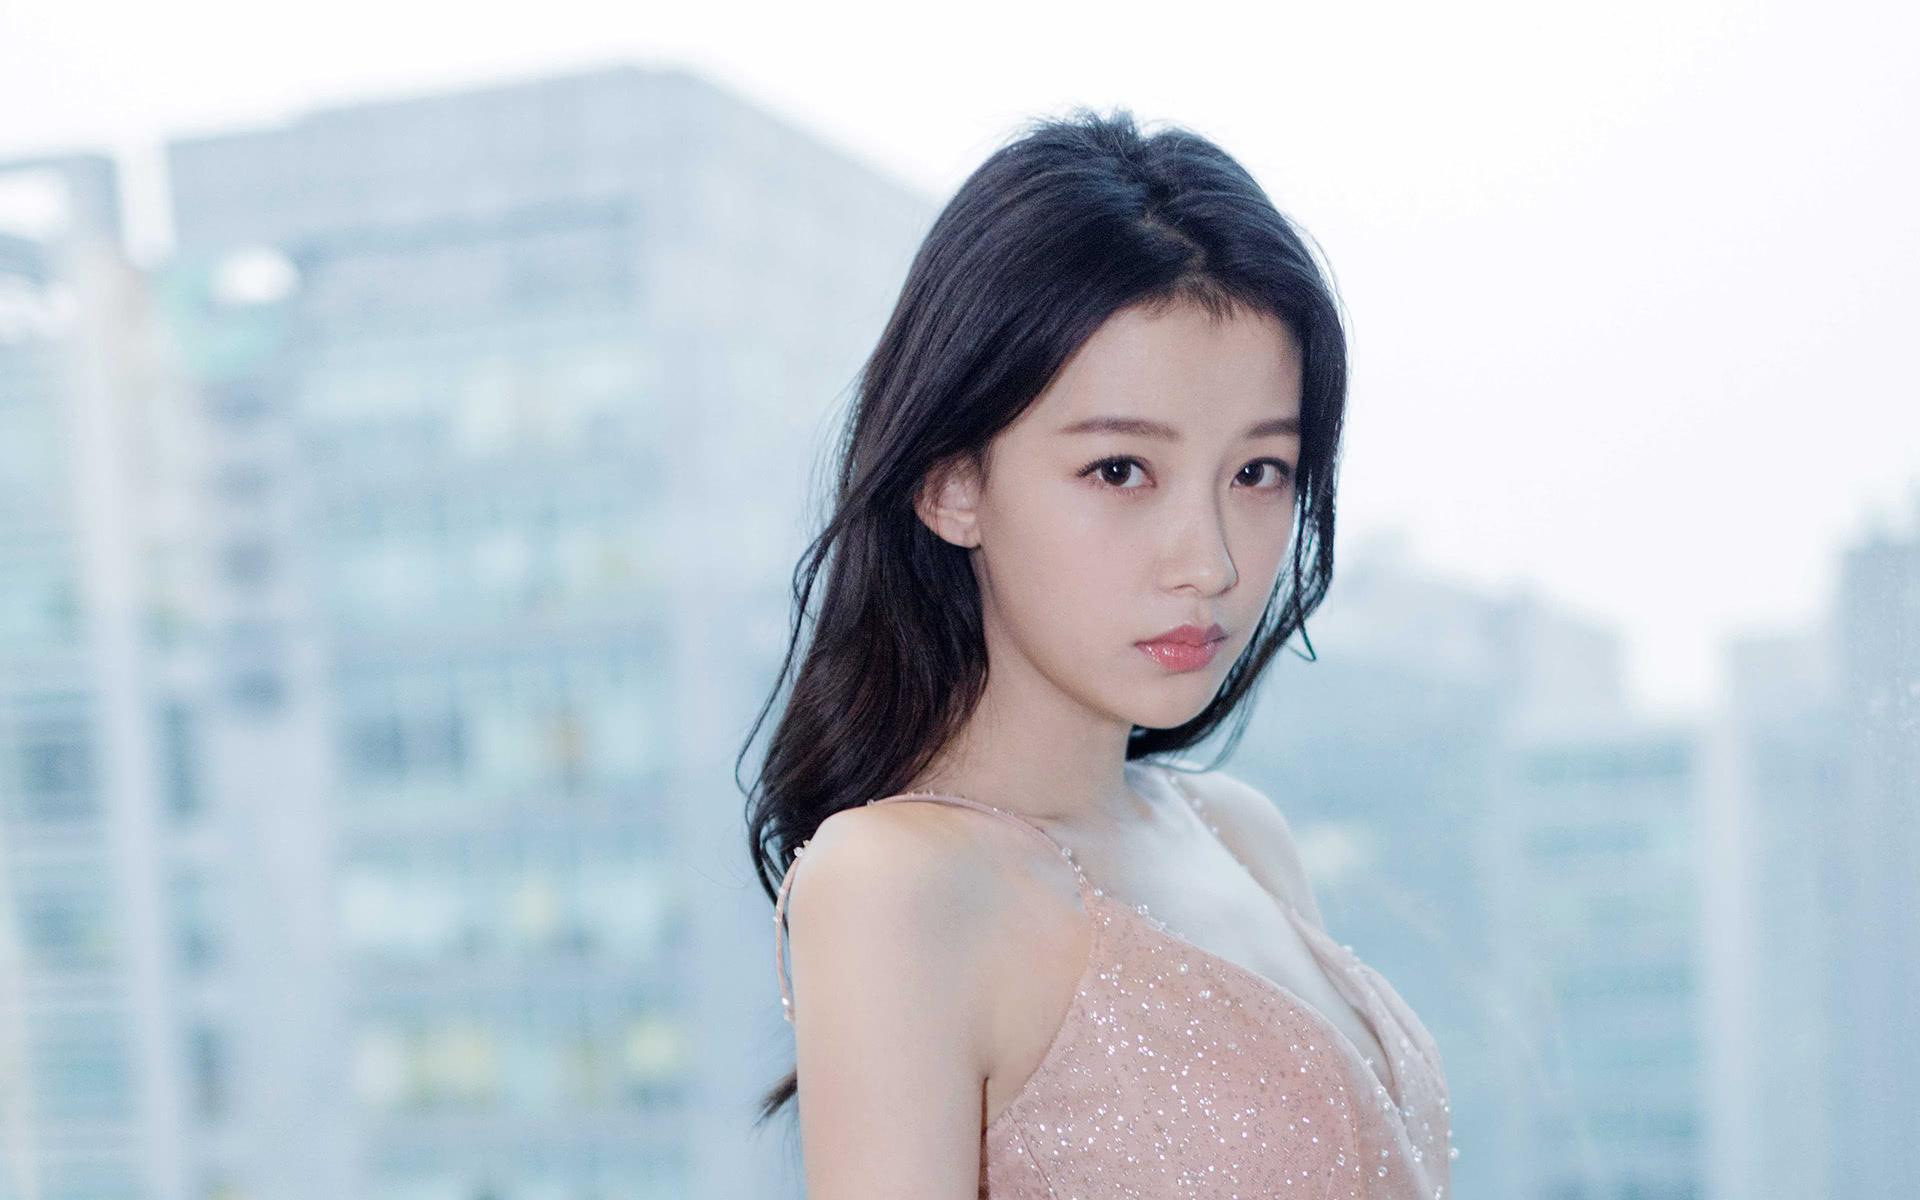 女明星生孩子赶时间吗?杨颖28,孙怡24,昆凌22,她16岁认真的?